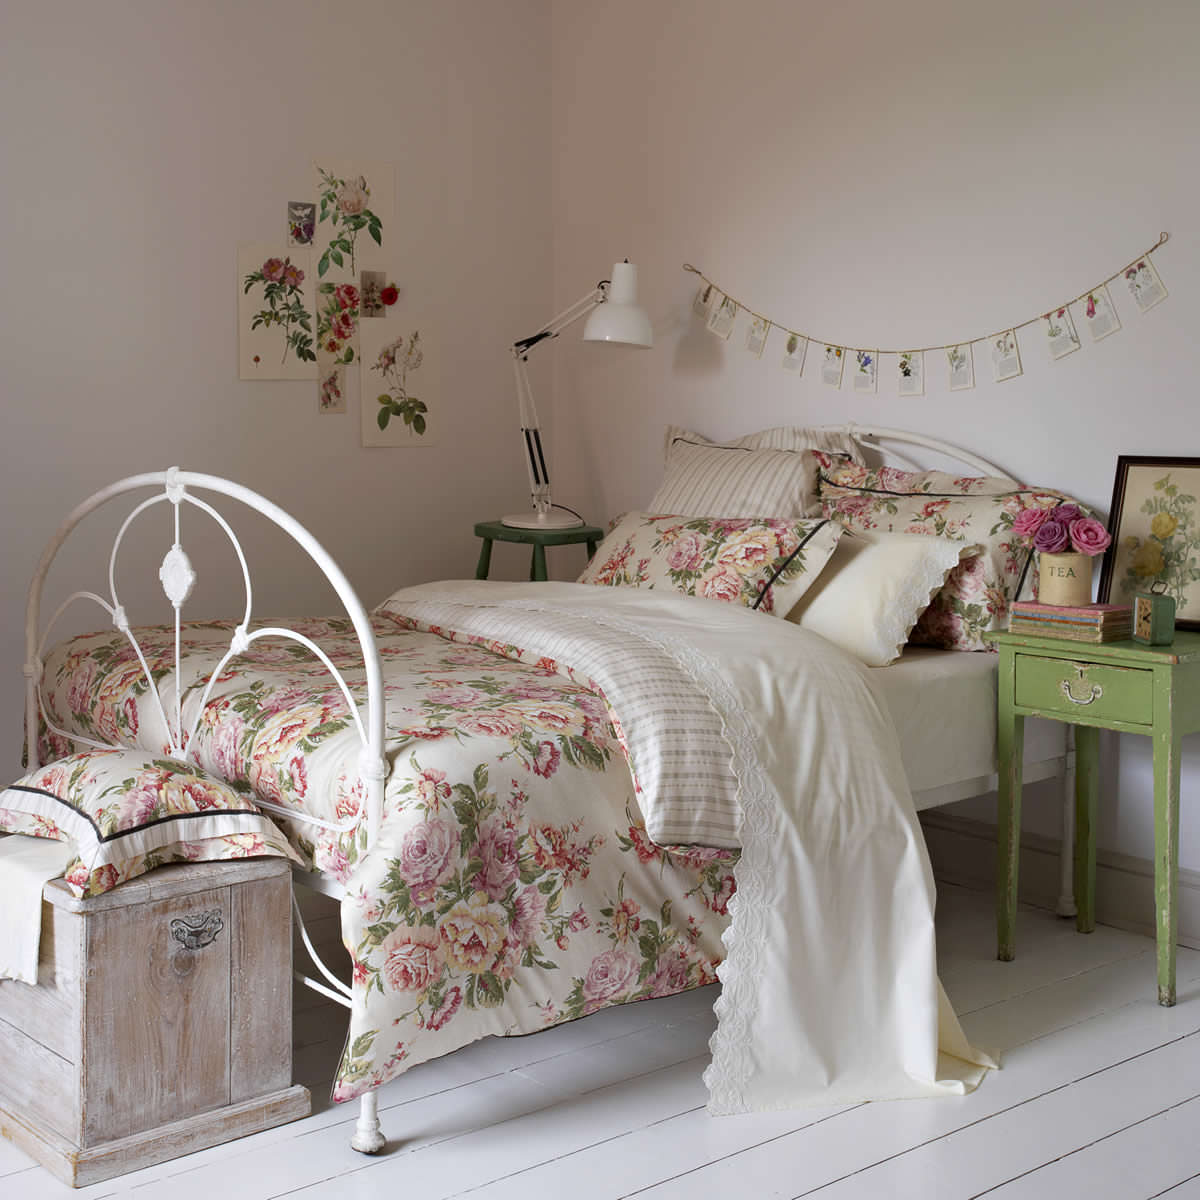 Деревянная и кованая мебель в спальне шебби-шик